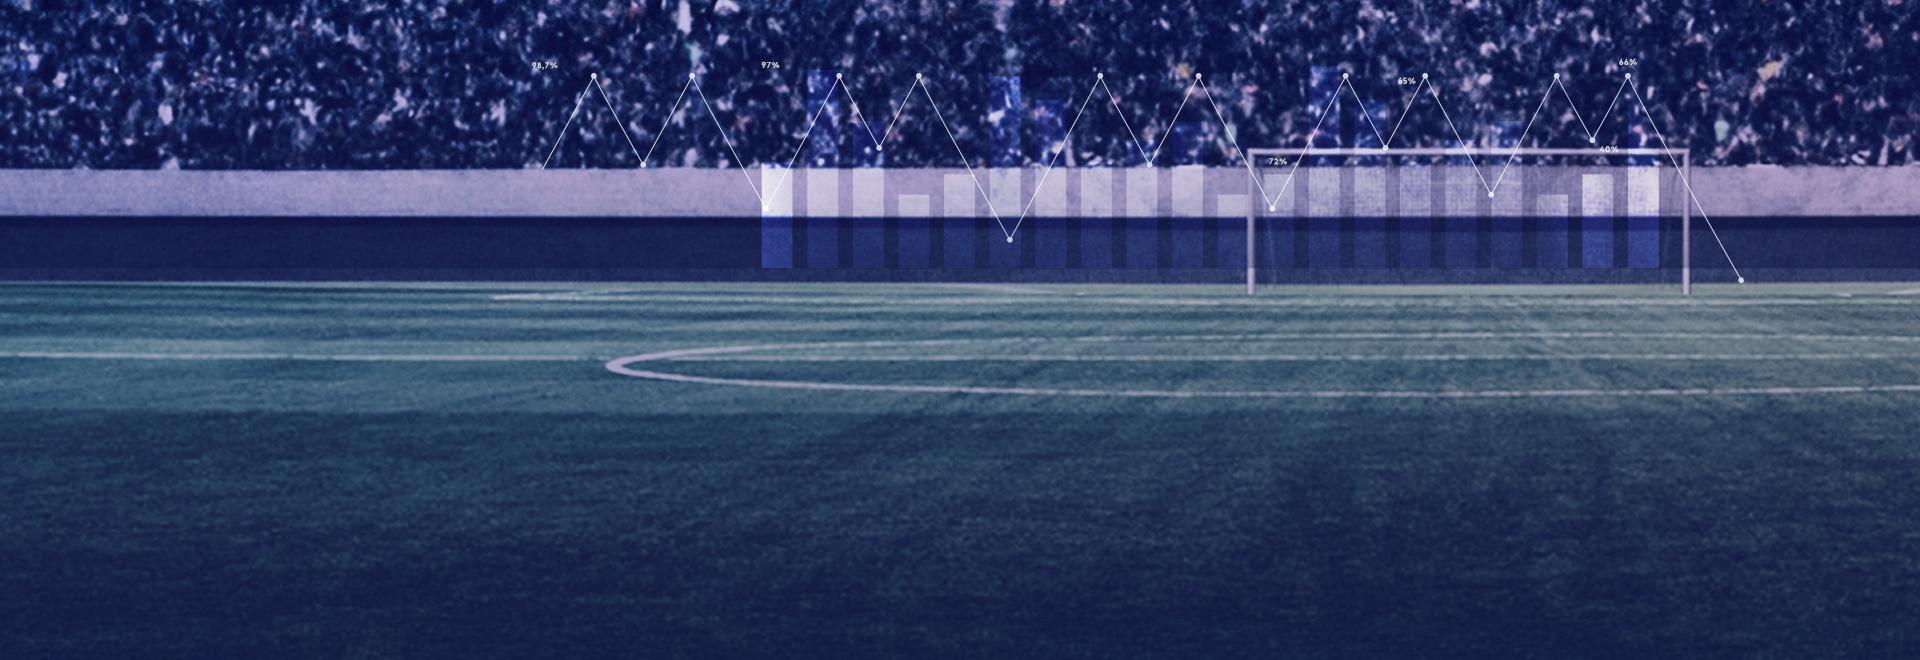 Football Benchmark